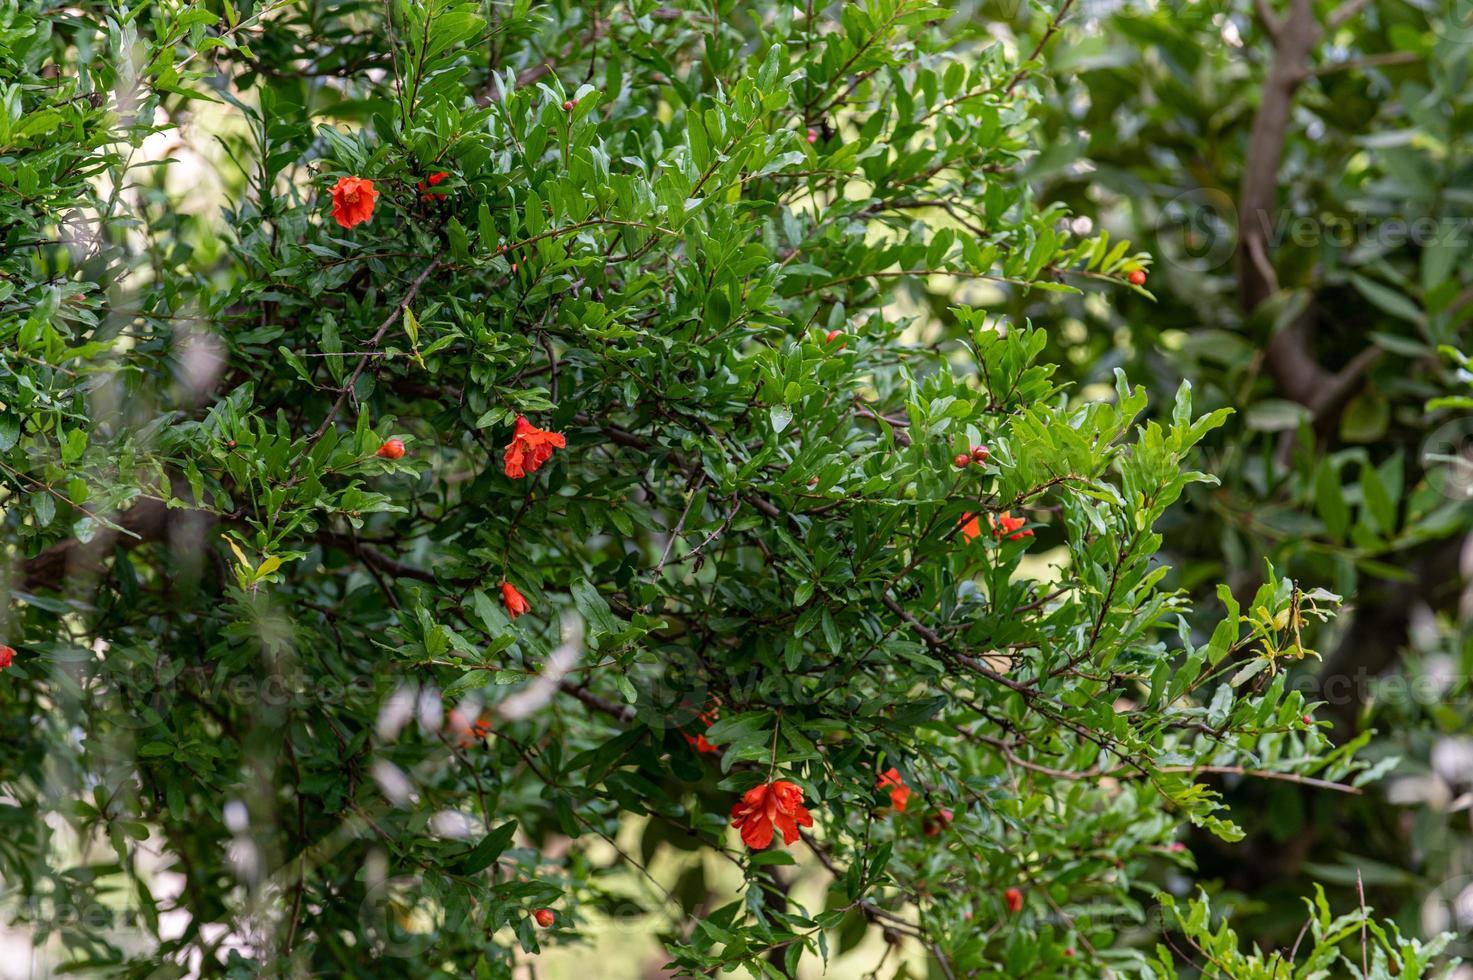 plantas de granada en flor foto